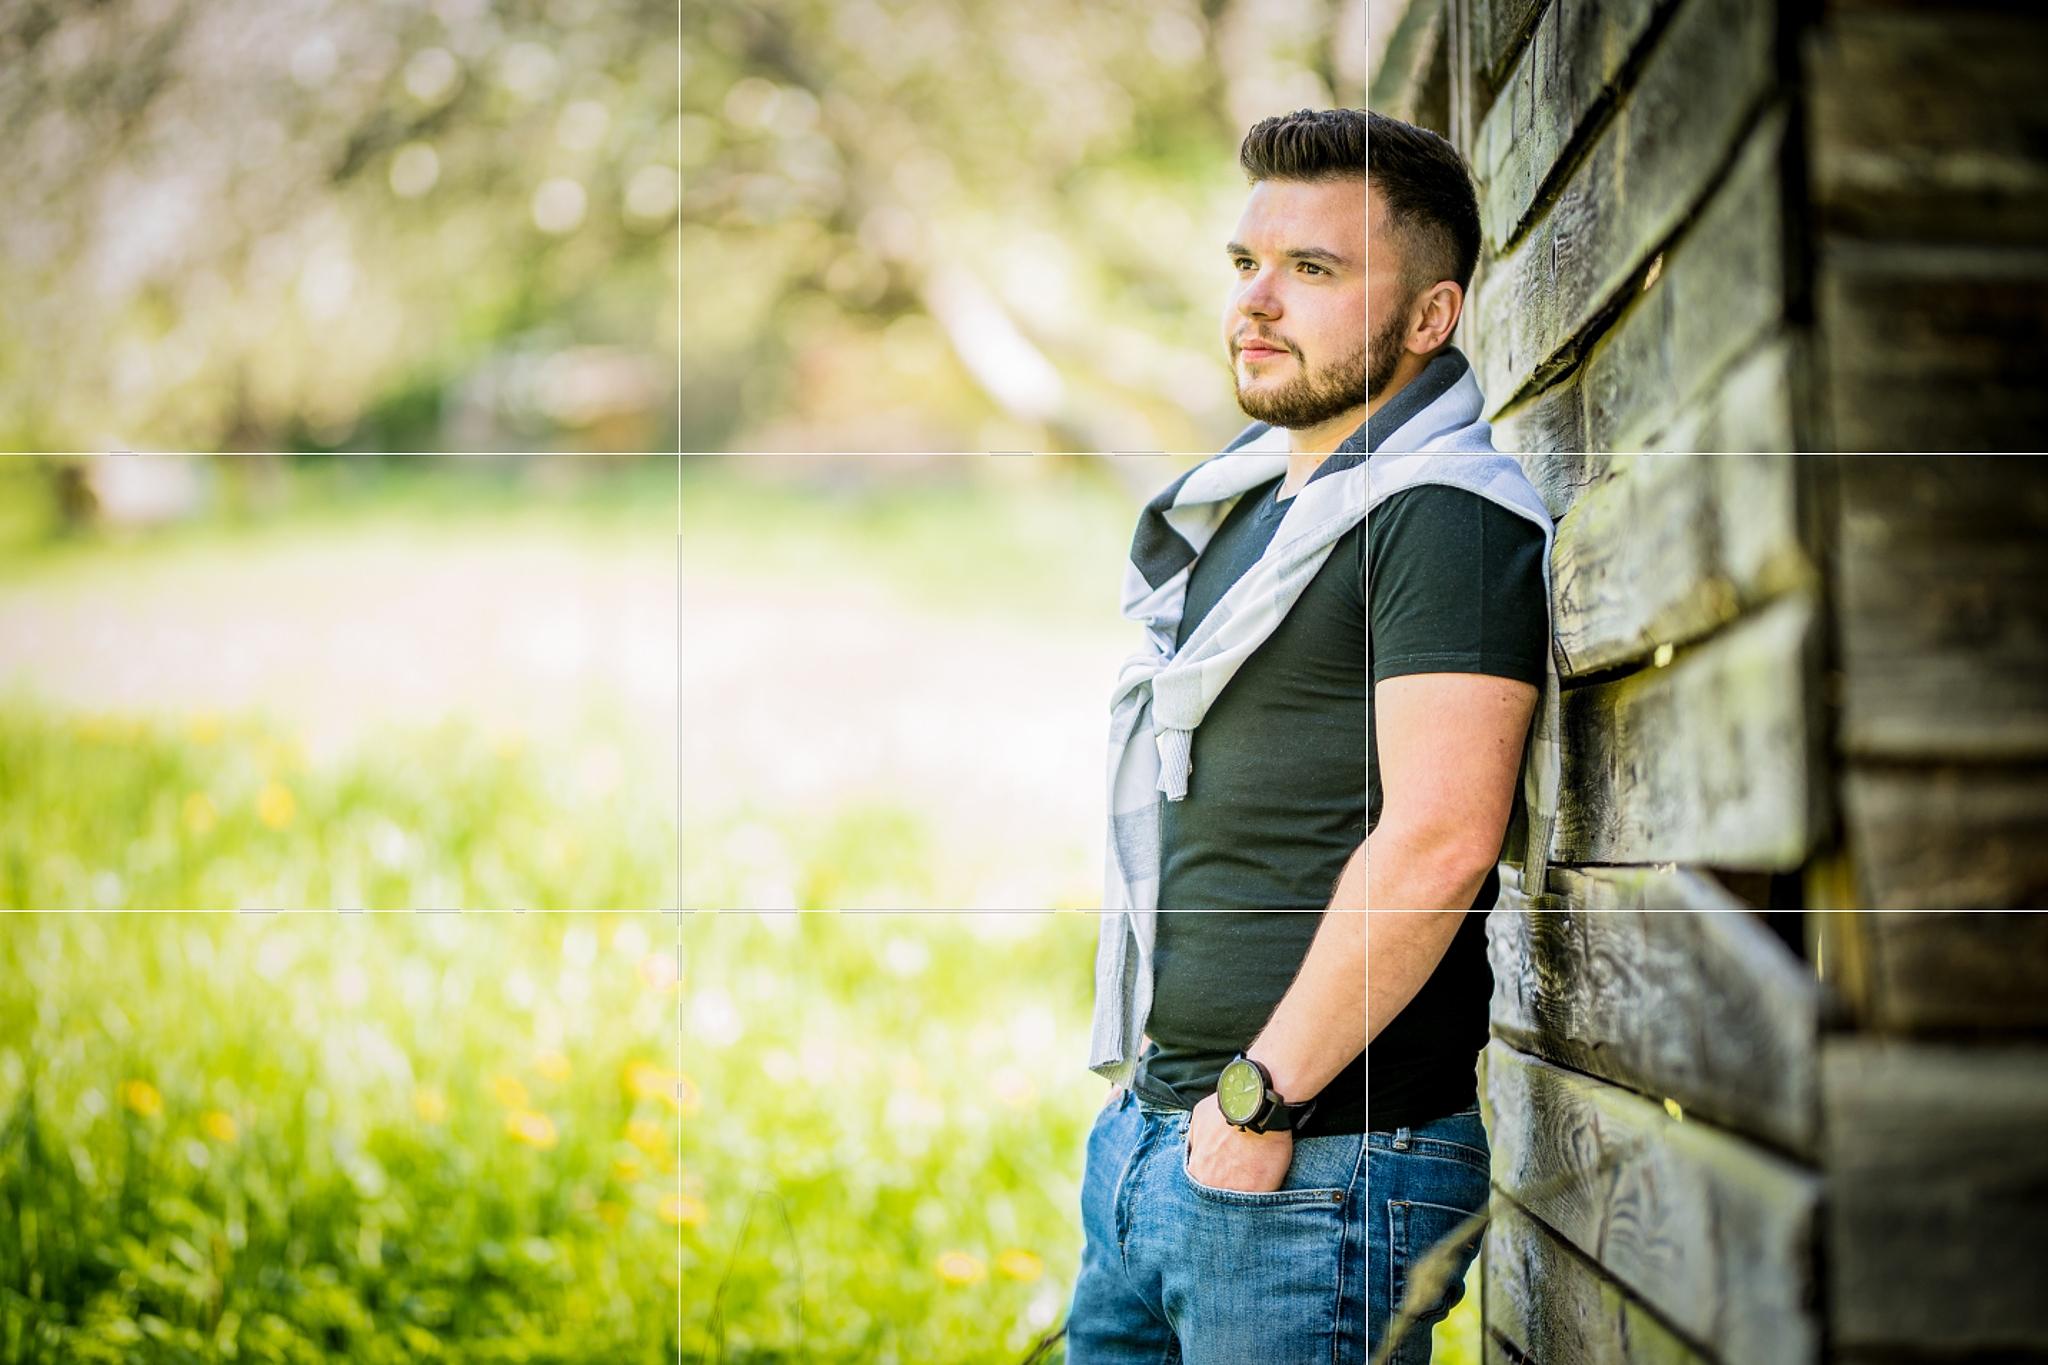 Mužský portrét: jak fotit muže - pravidlo třetin mřížka